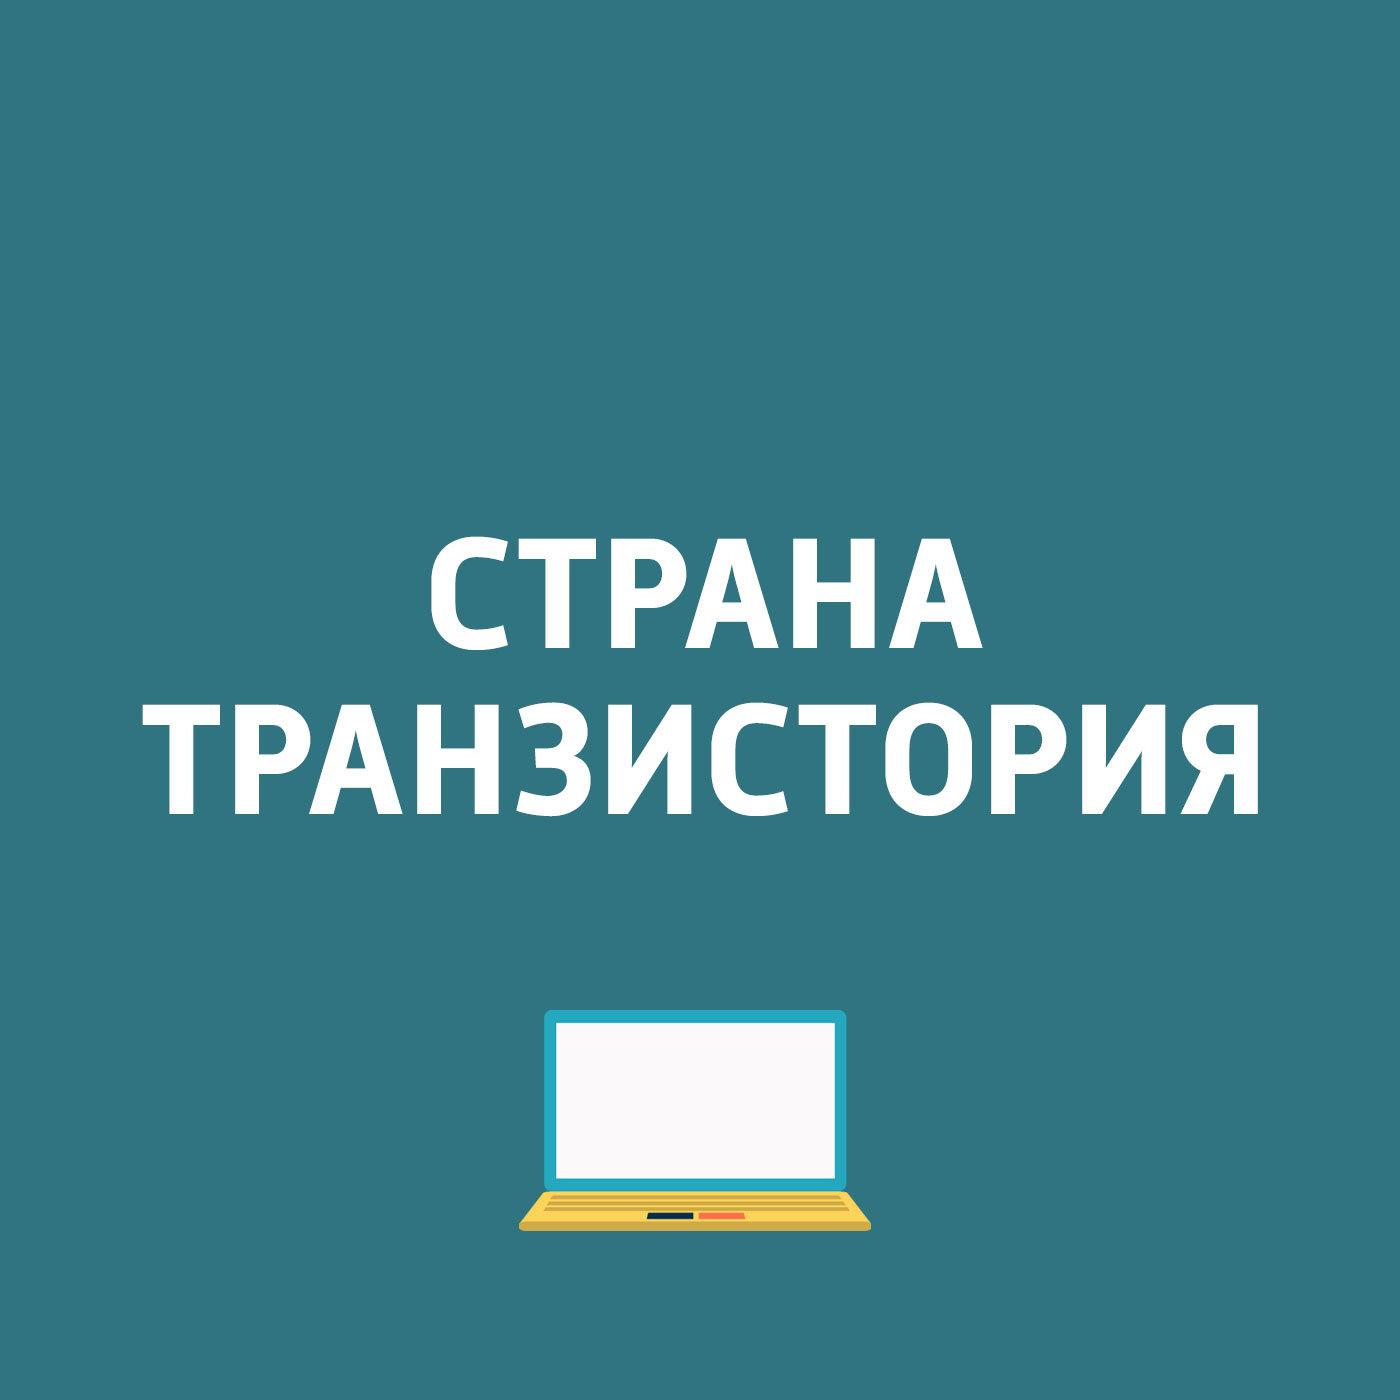 Картаев Павел Характеристики смартфонов и Plus; Американец подал на Microsoft в суд; Испытания прототипа беспилотного автомобиля